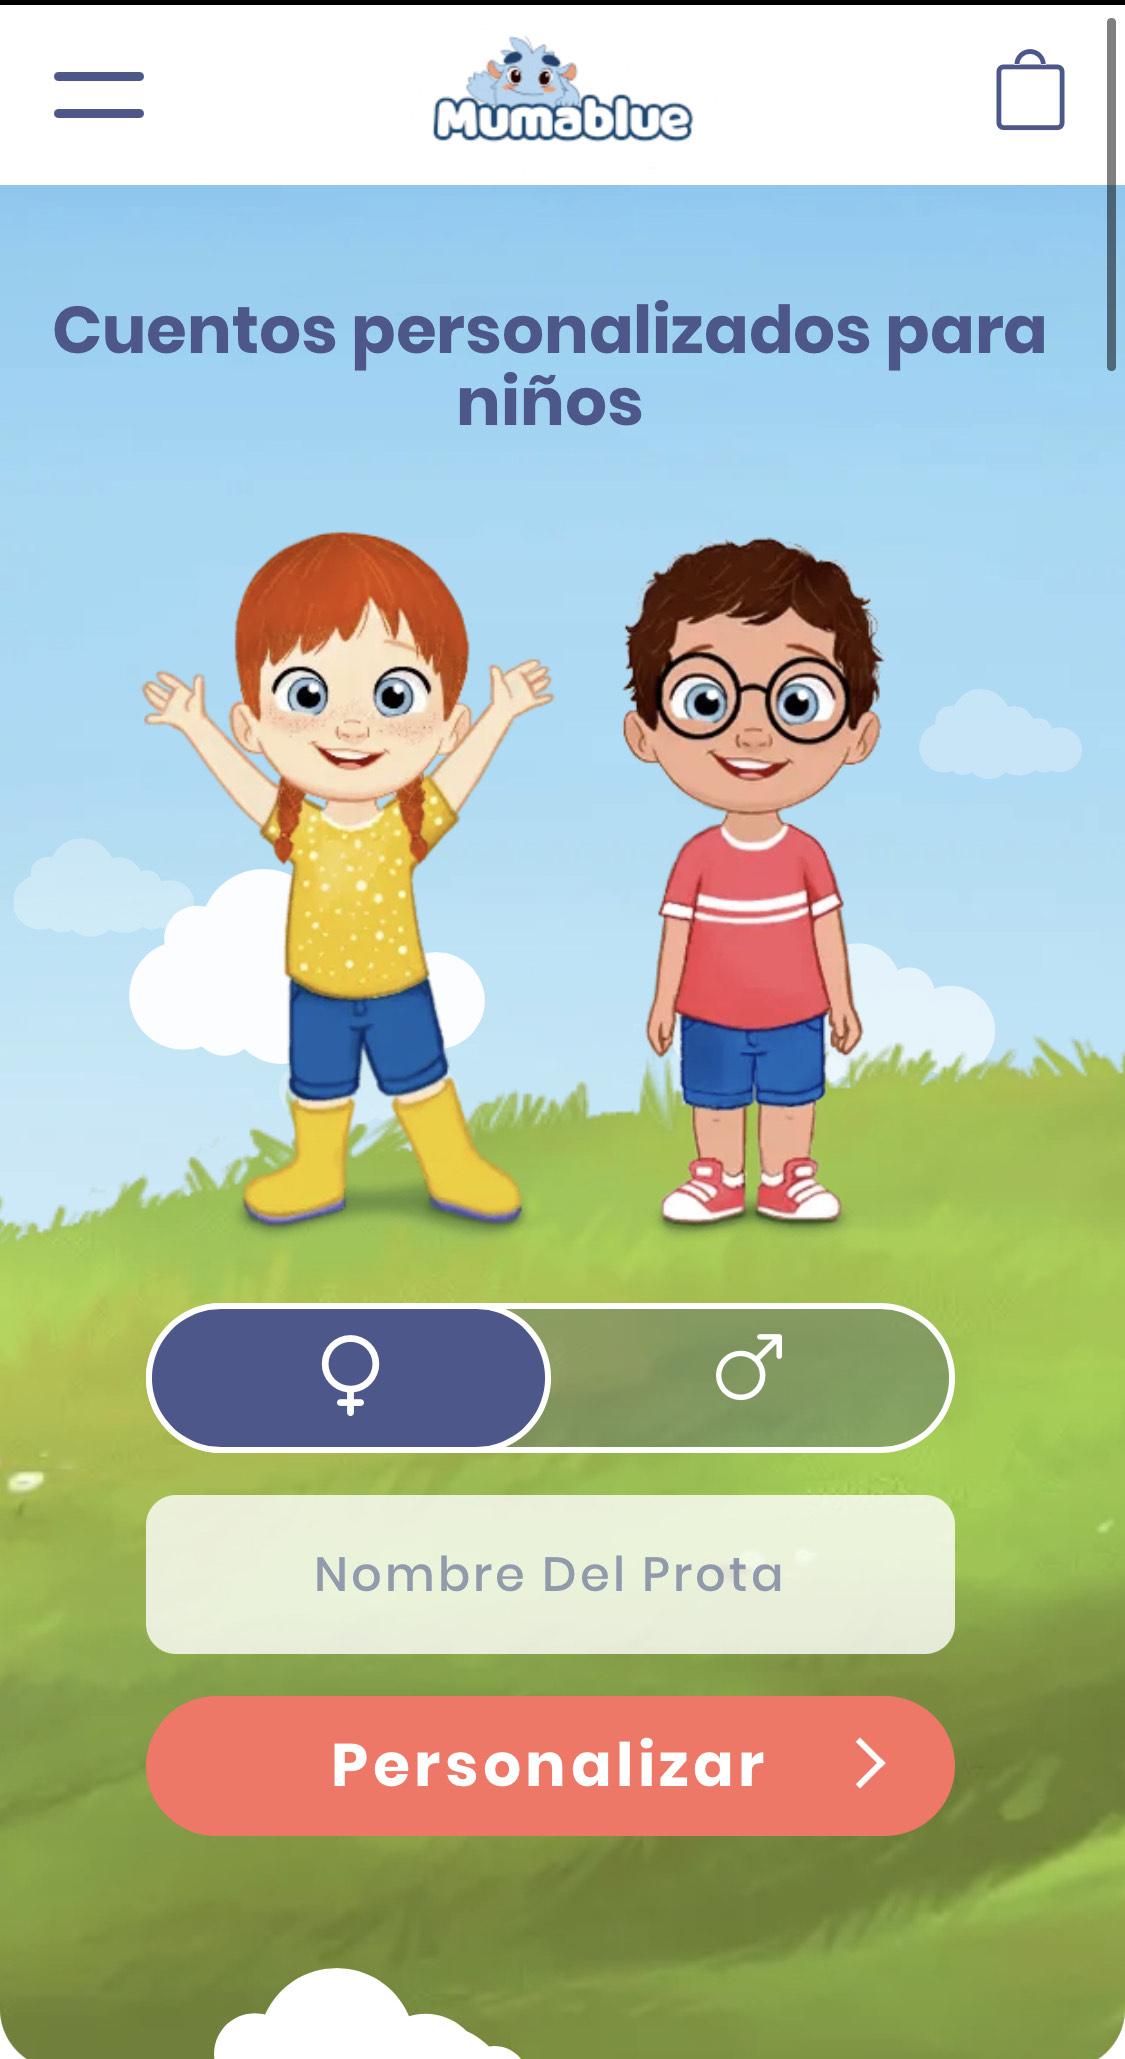 Mumablue - Cuentos personalizados para niños